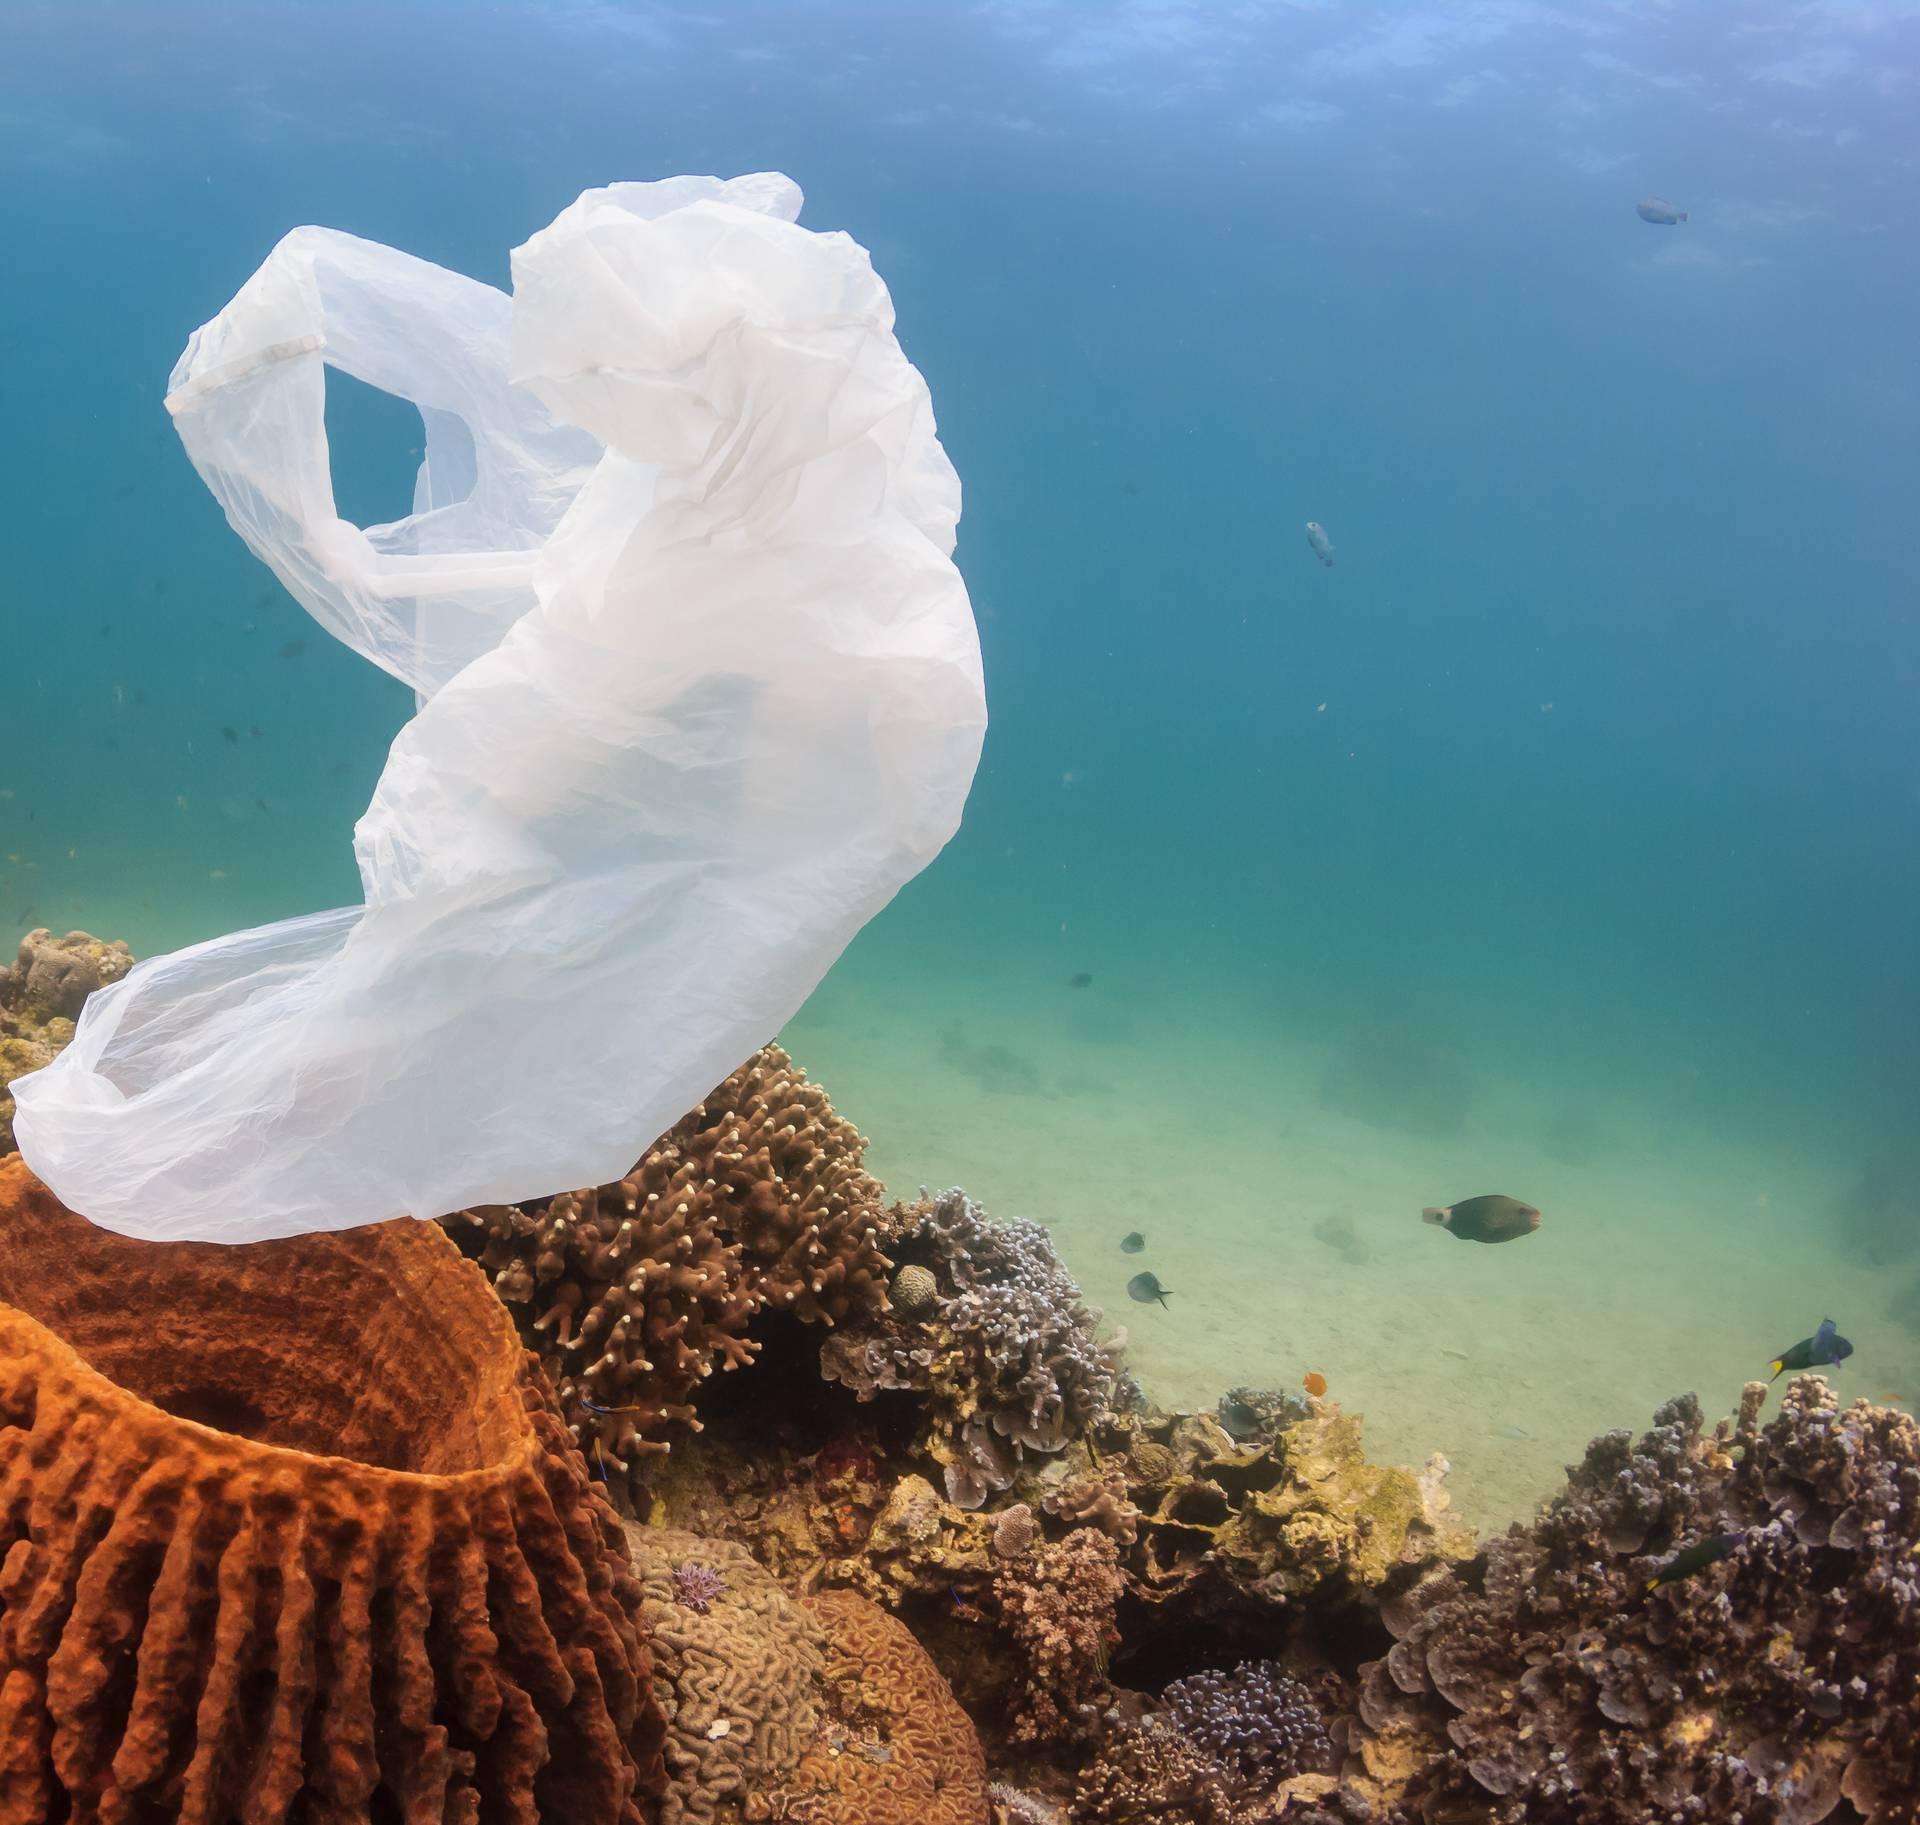 Stručnjaci u strahu: U moru će biti više plastike nego riba...